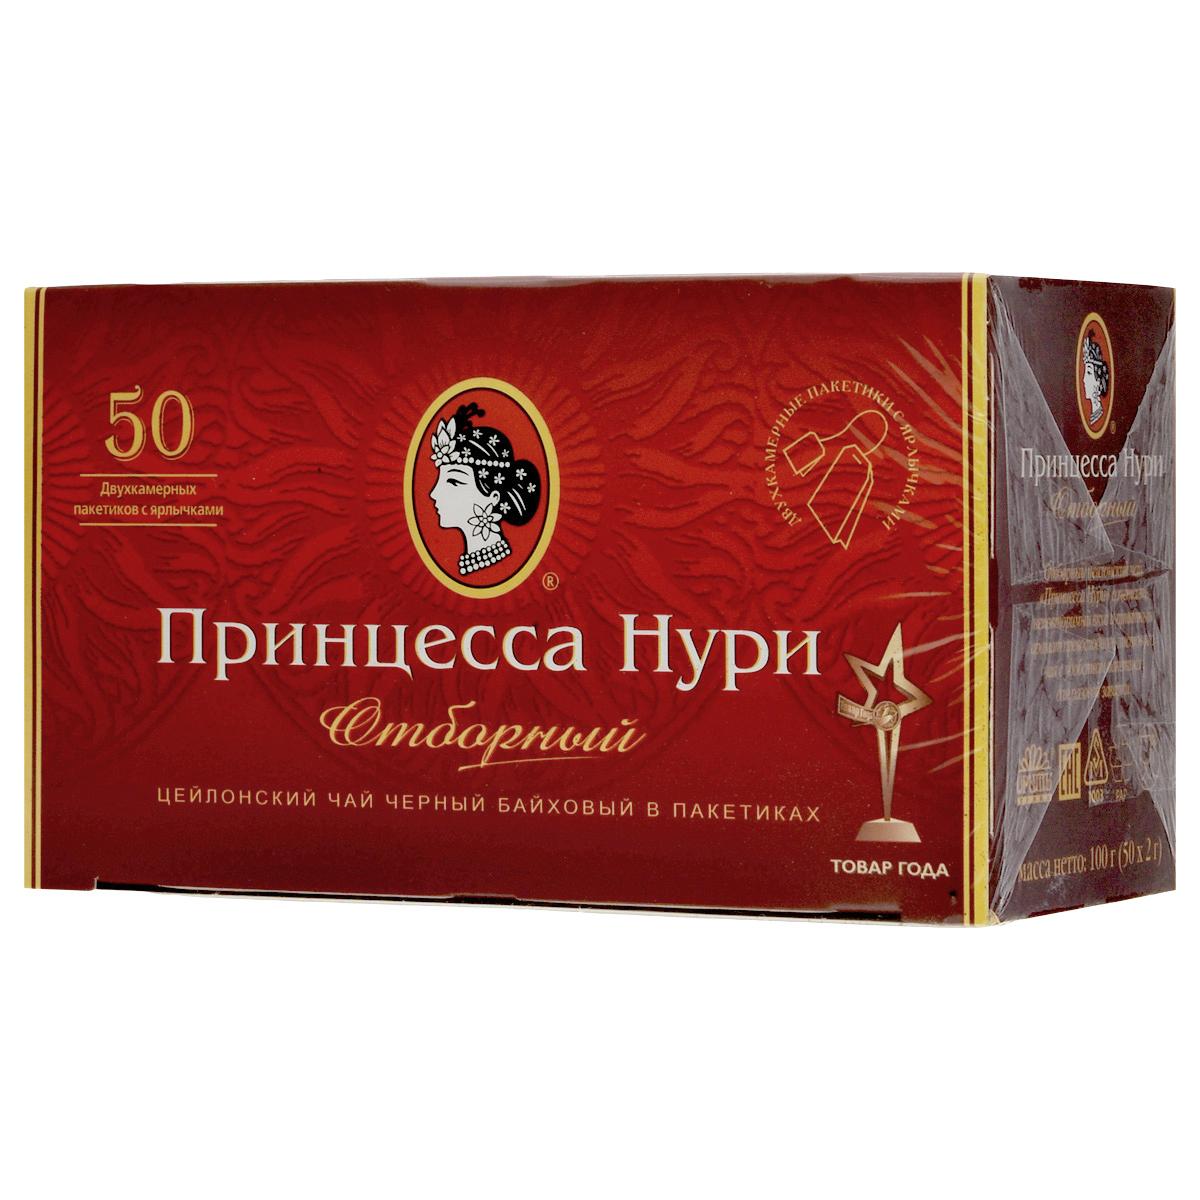 Принцесса Нури Отборный черный чай в пакетиках, 50 шт принцесса нури клубника со сливками черный чай в пакетиках 25 шт